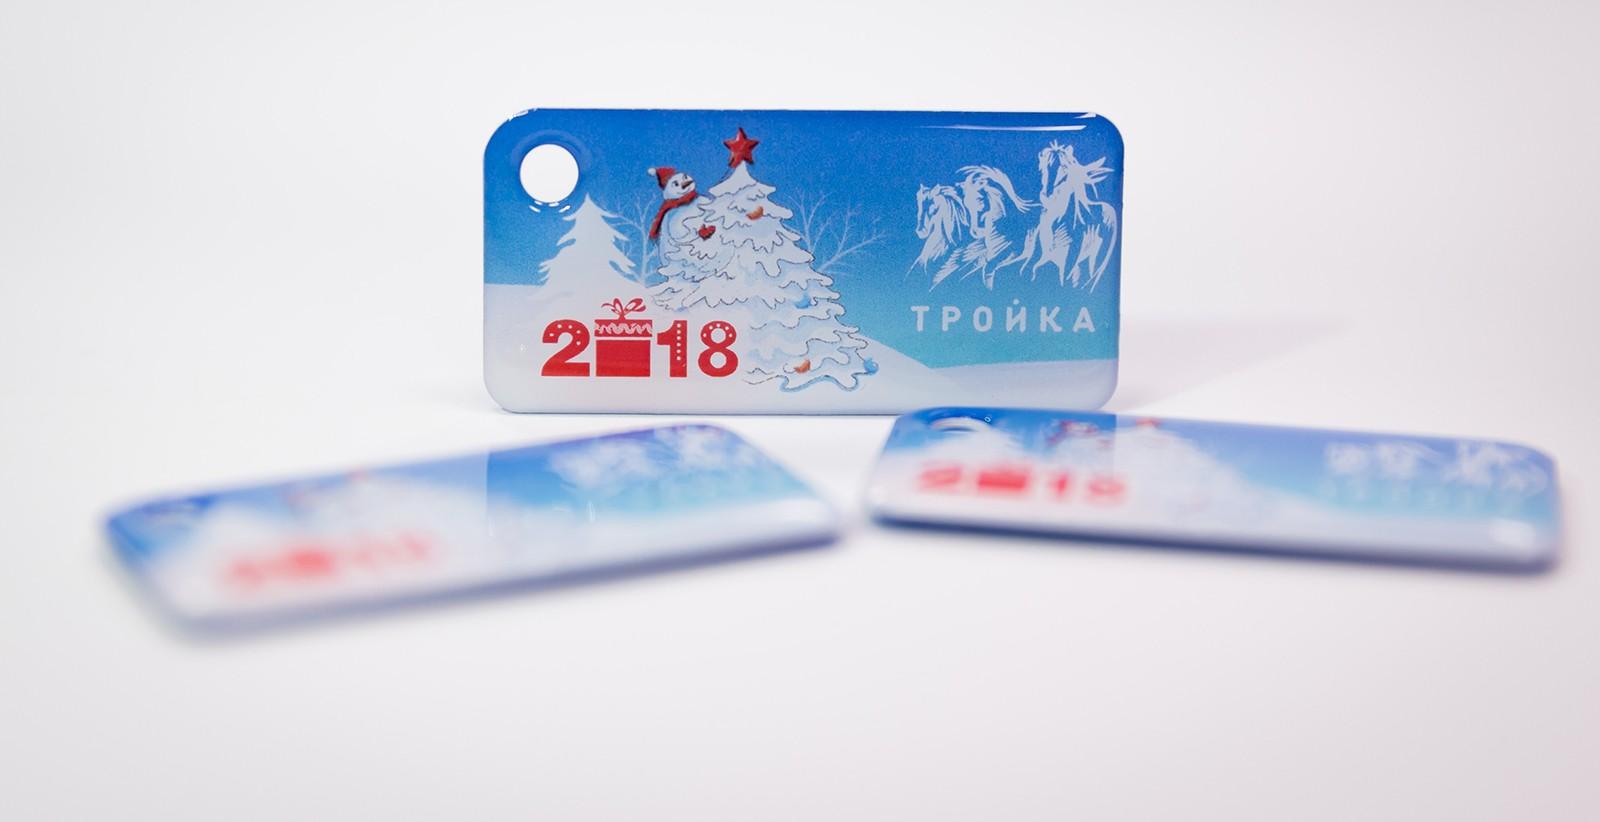 Московский метрополитен выпустил новогодние карты «Тройка» ибилеты «Единый»